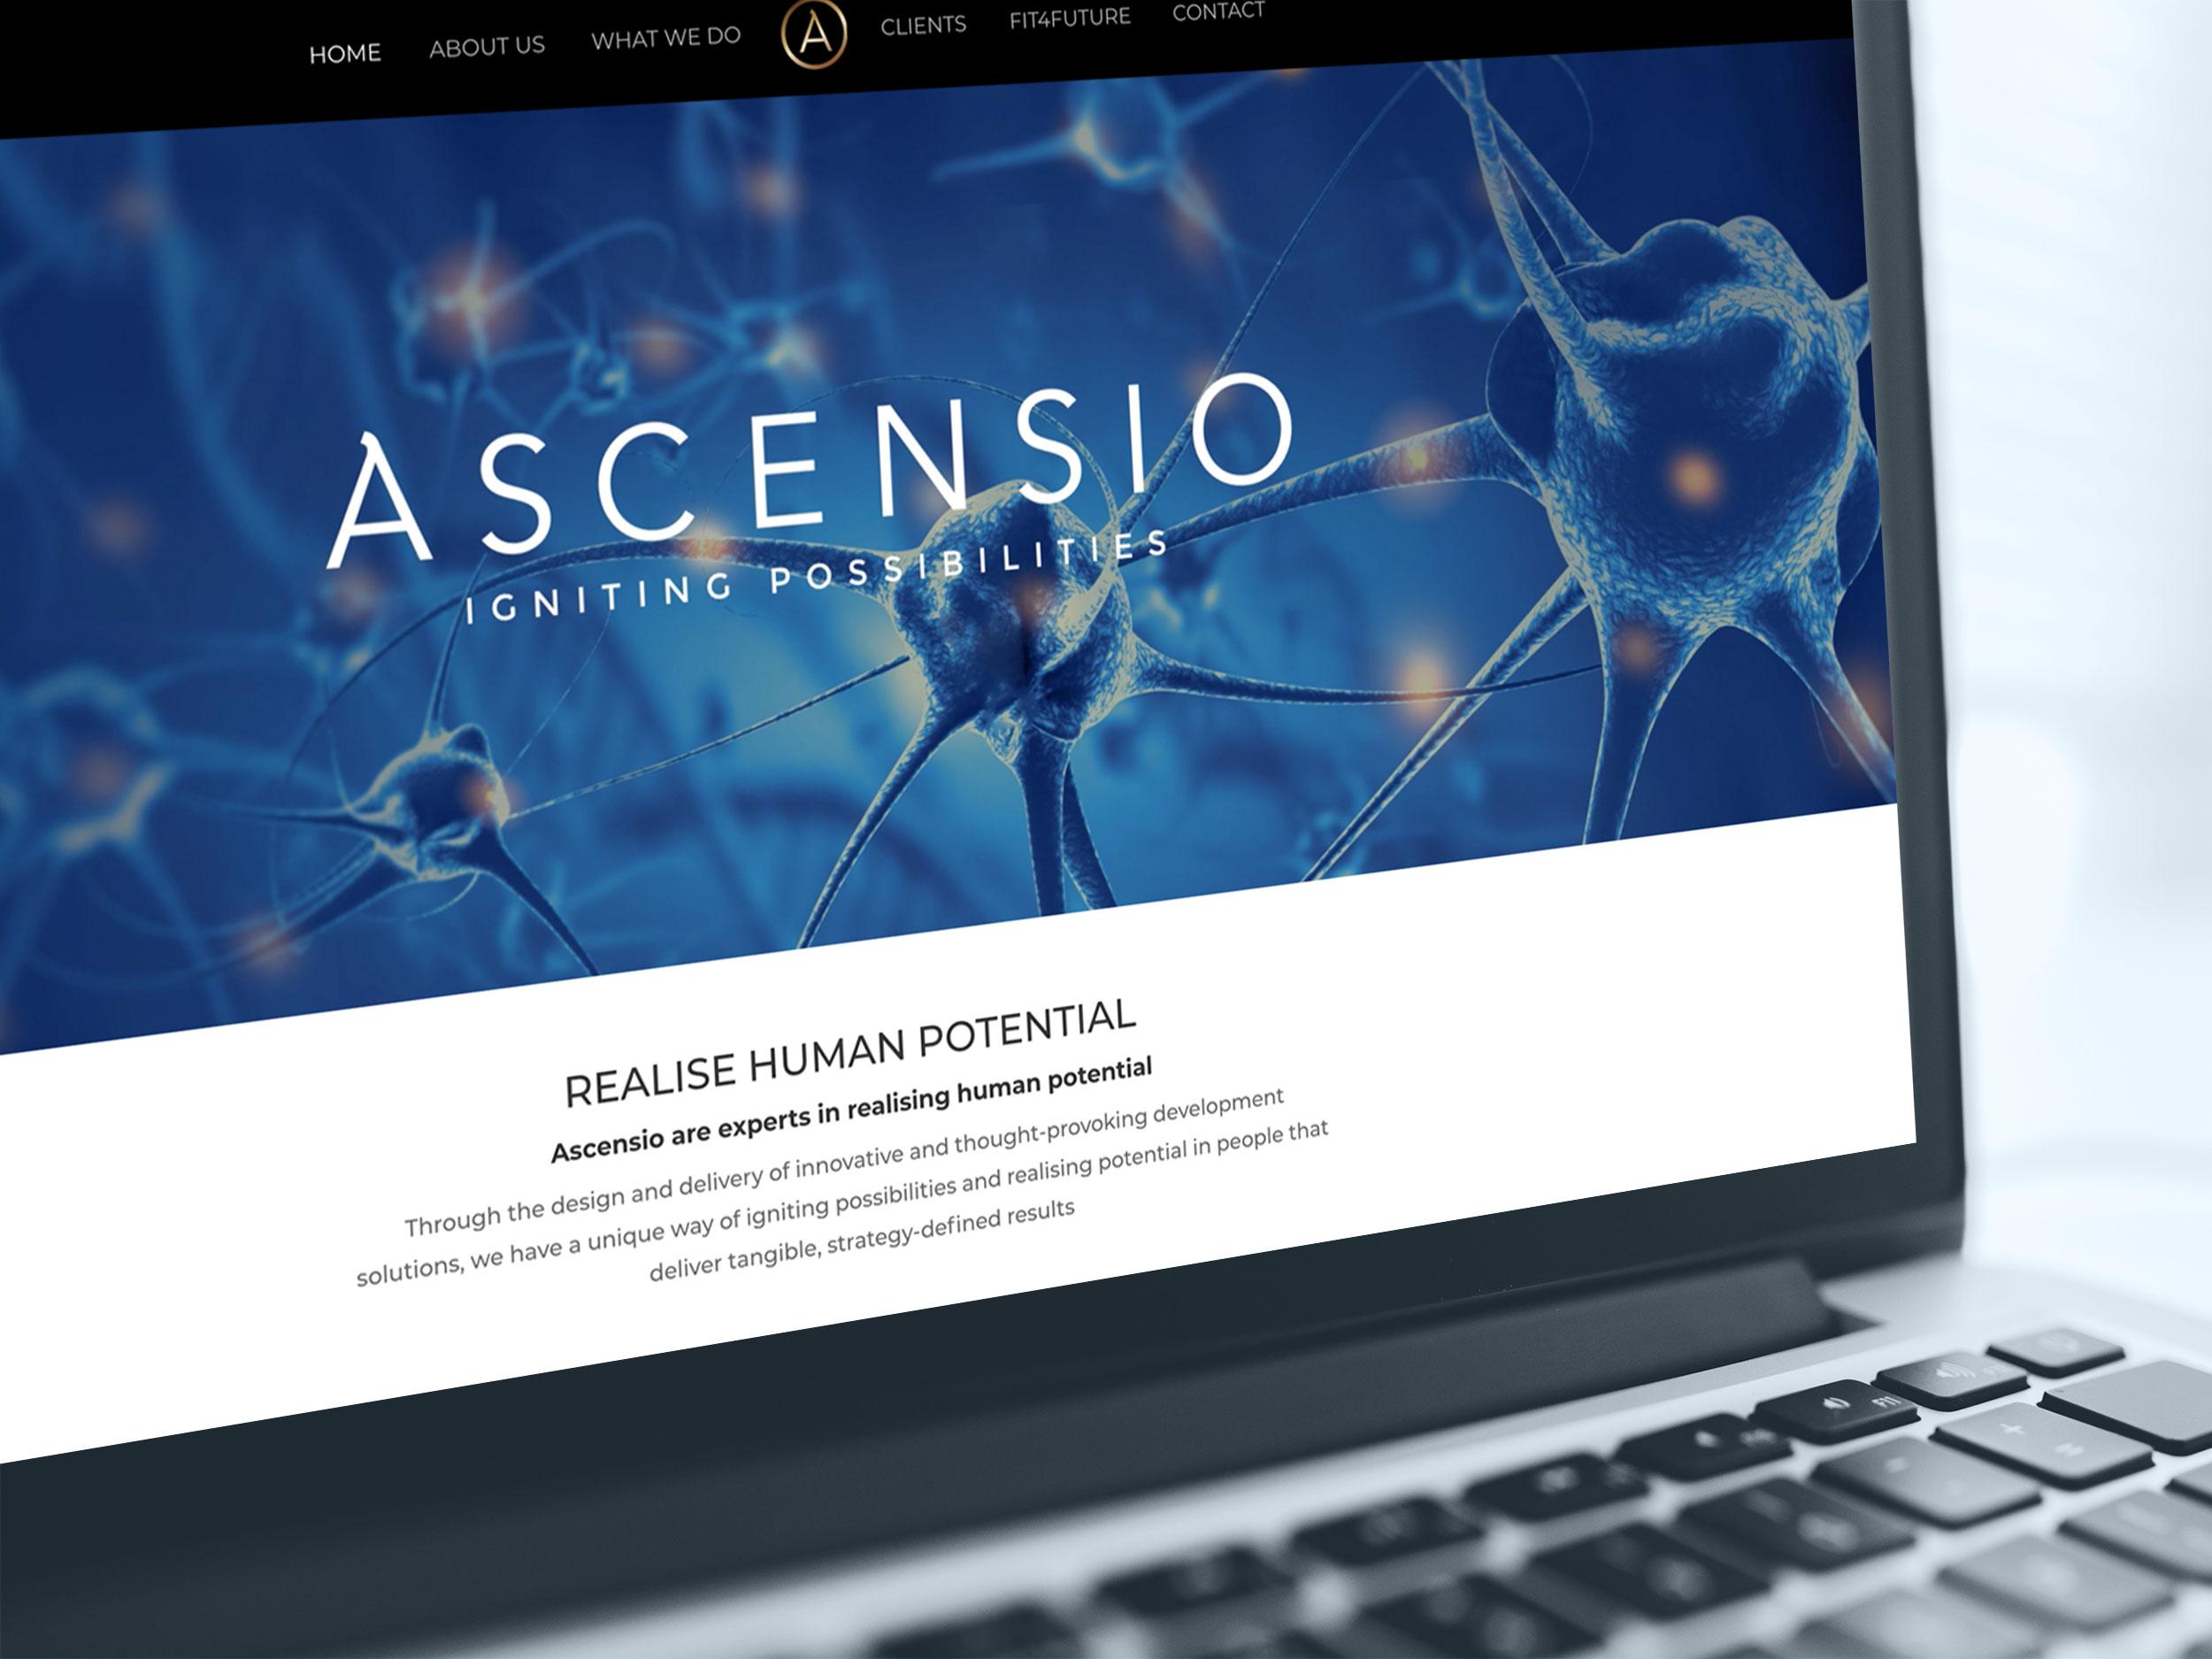 Ascensio website